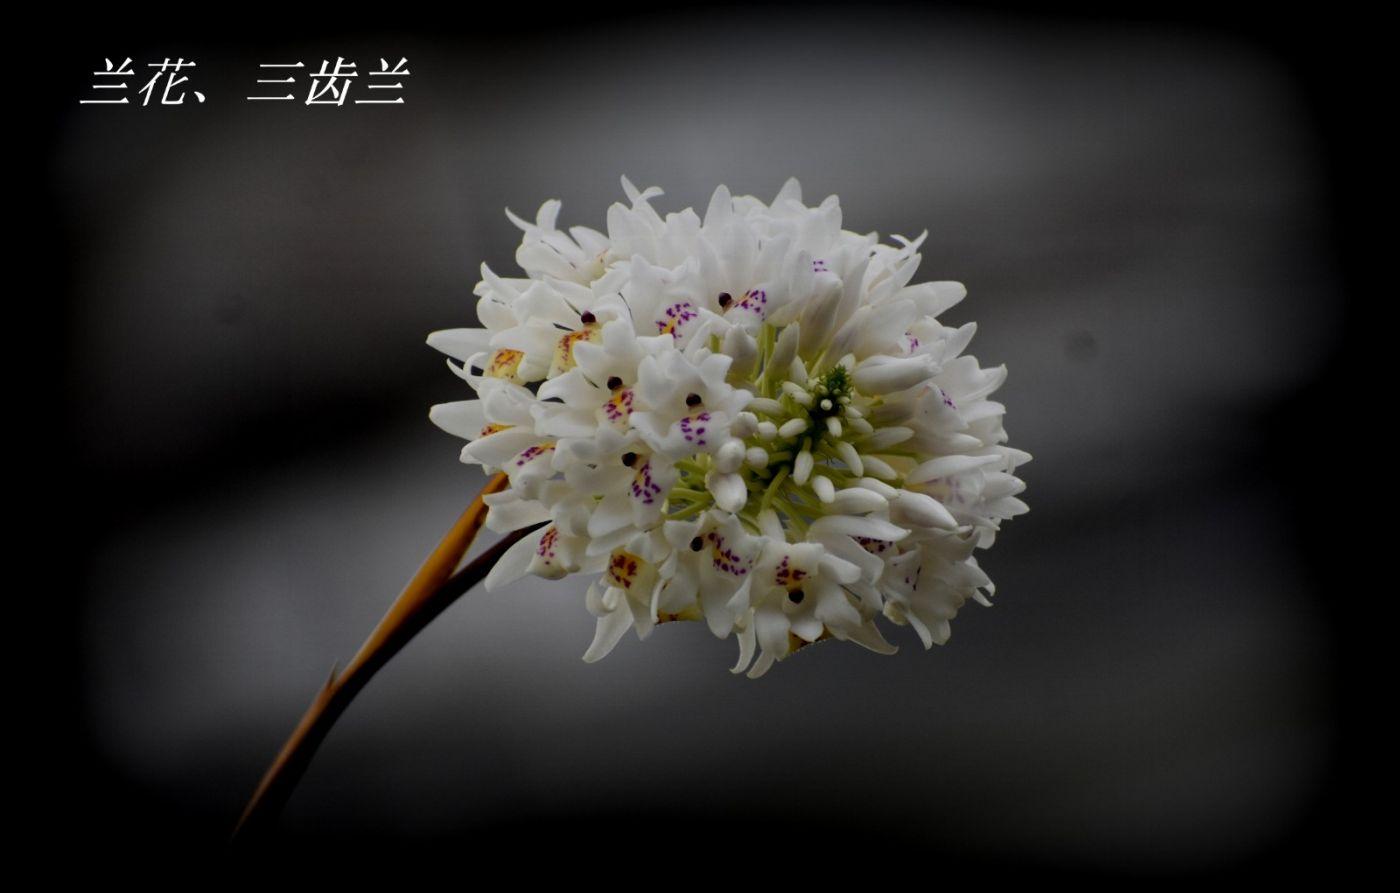 花草图谱 (30)_图1-7